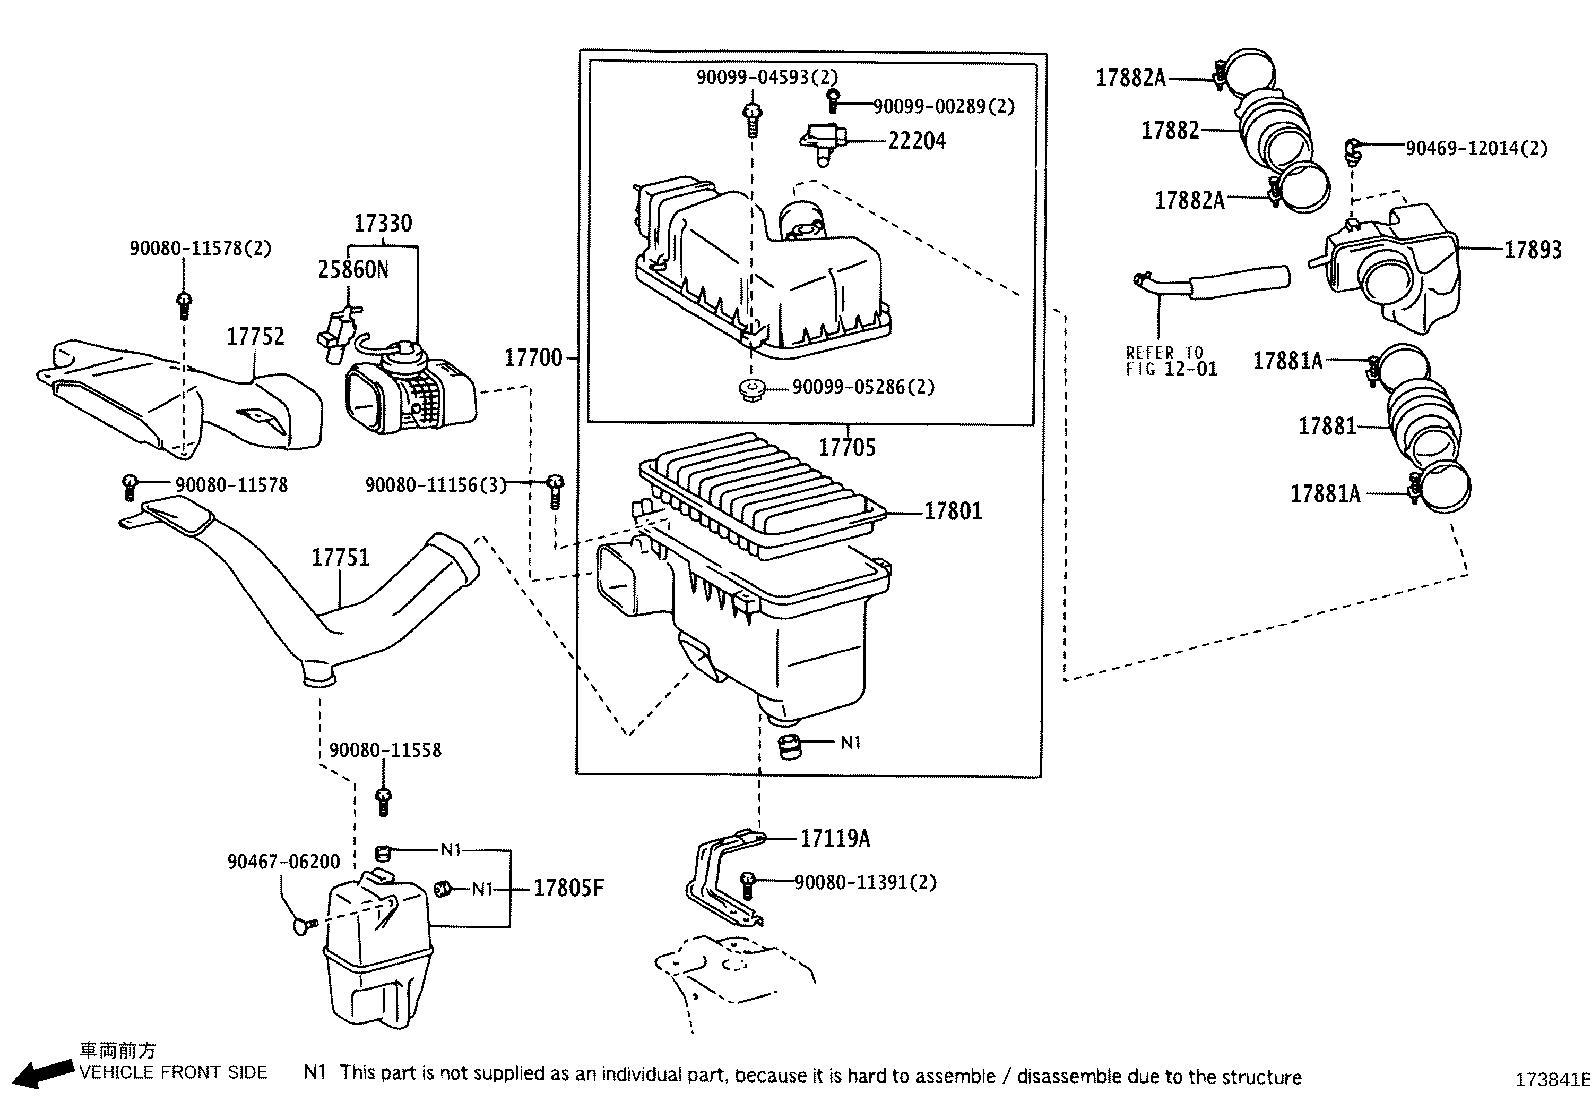 Lexus RX 350 Inlet, air cleaner, no. 1. Engine